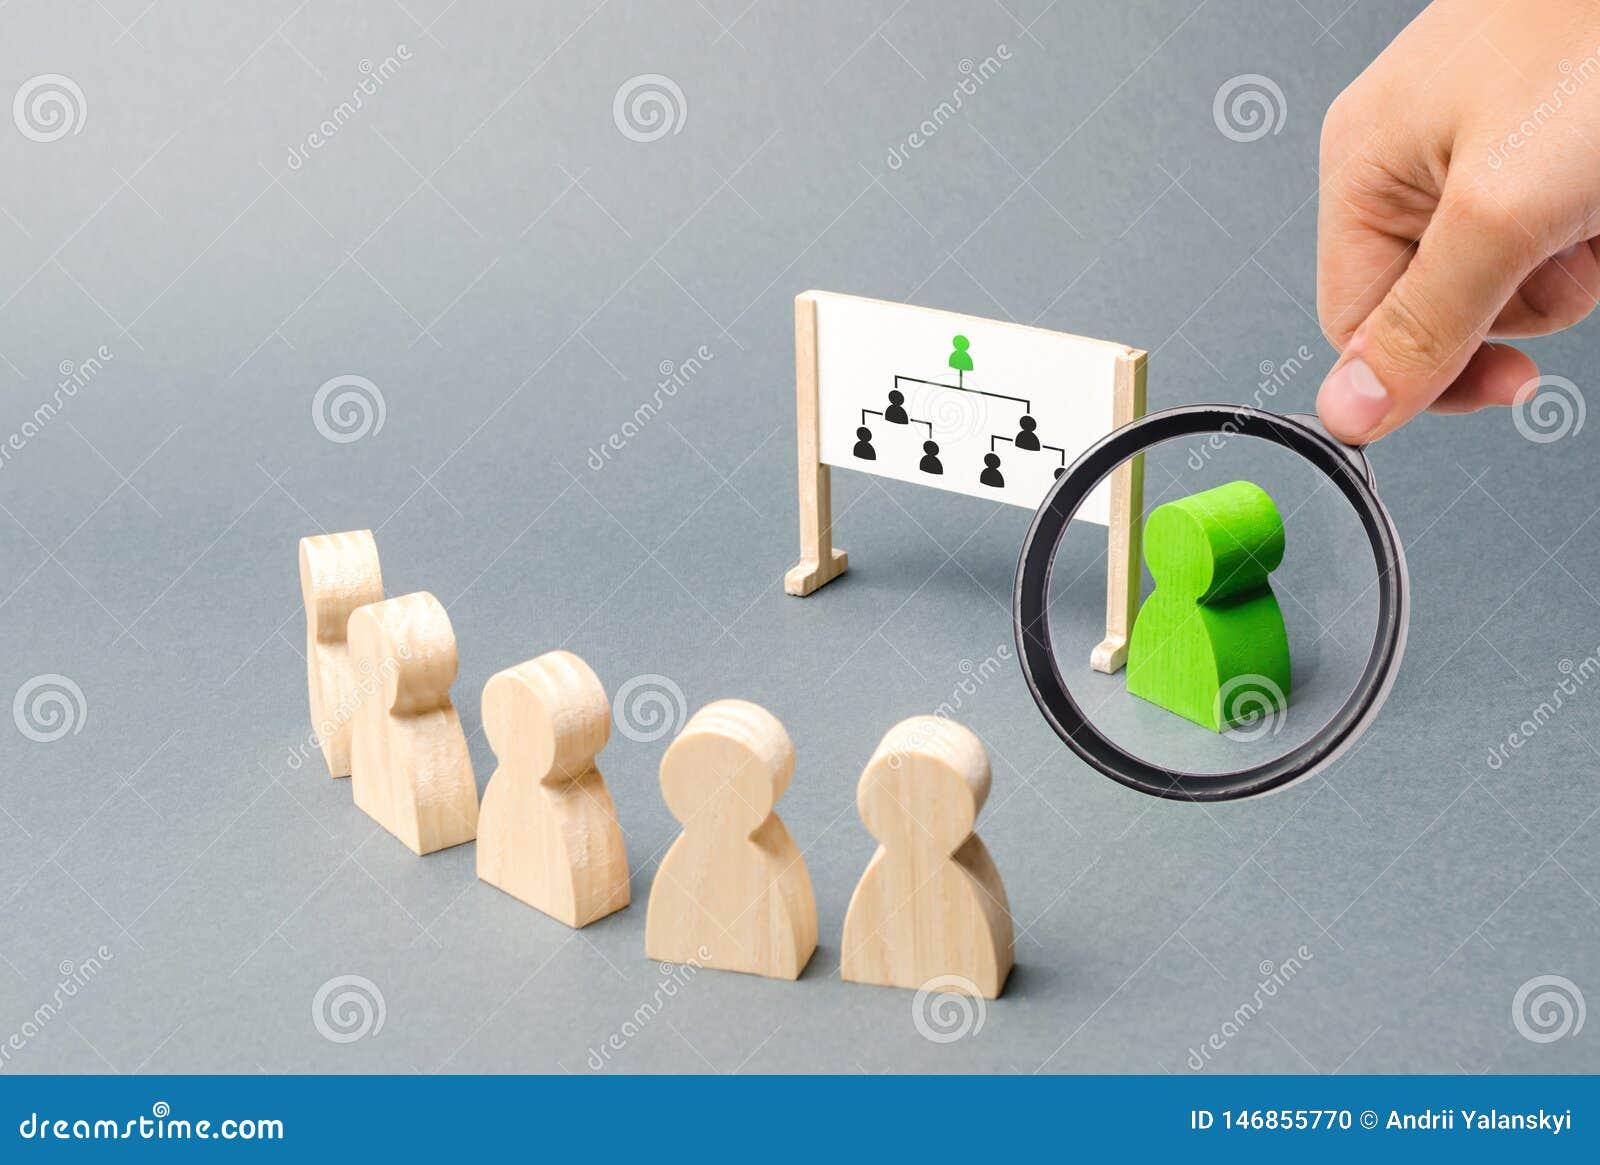 Förstoringsglaset ser ledaren, och hans presentation, anställda står i rad på förhandsmöten hierarki